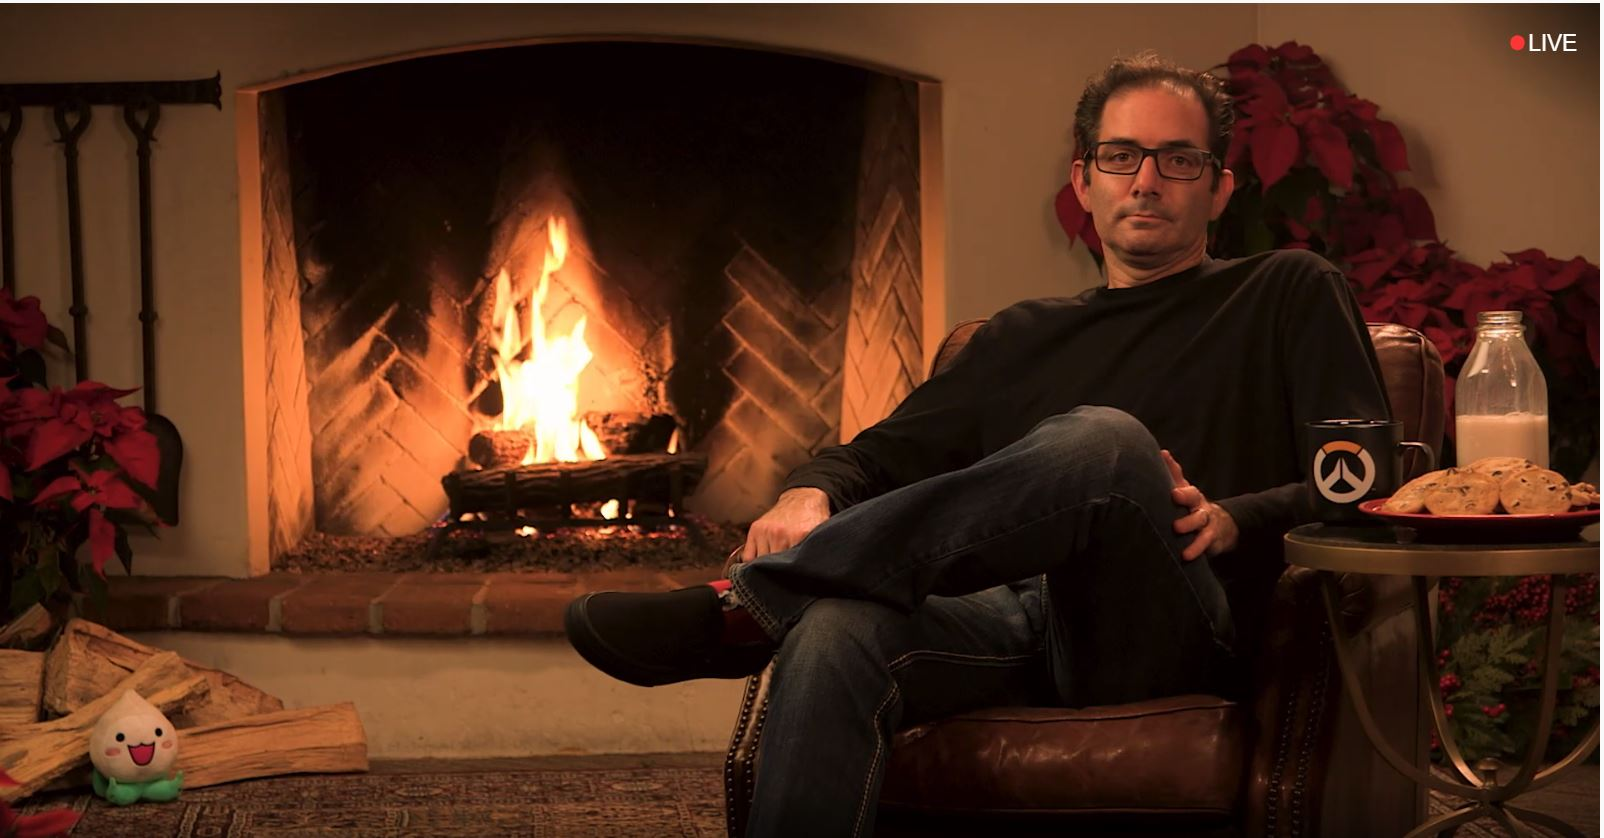 Overwatch-Chef sitzt vor Kaminfeuer, fast 40.000 schauen auf Twitch zu